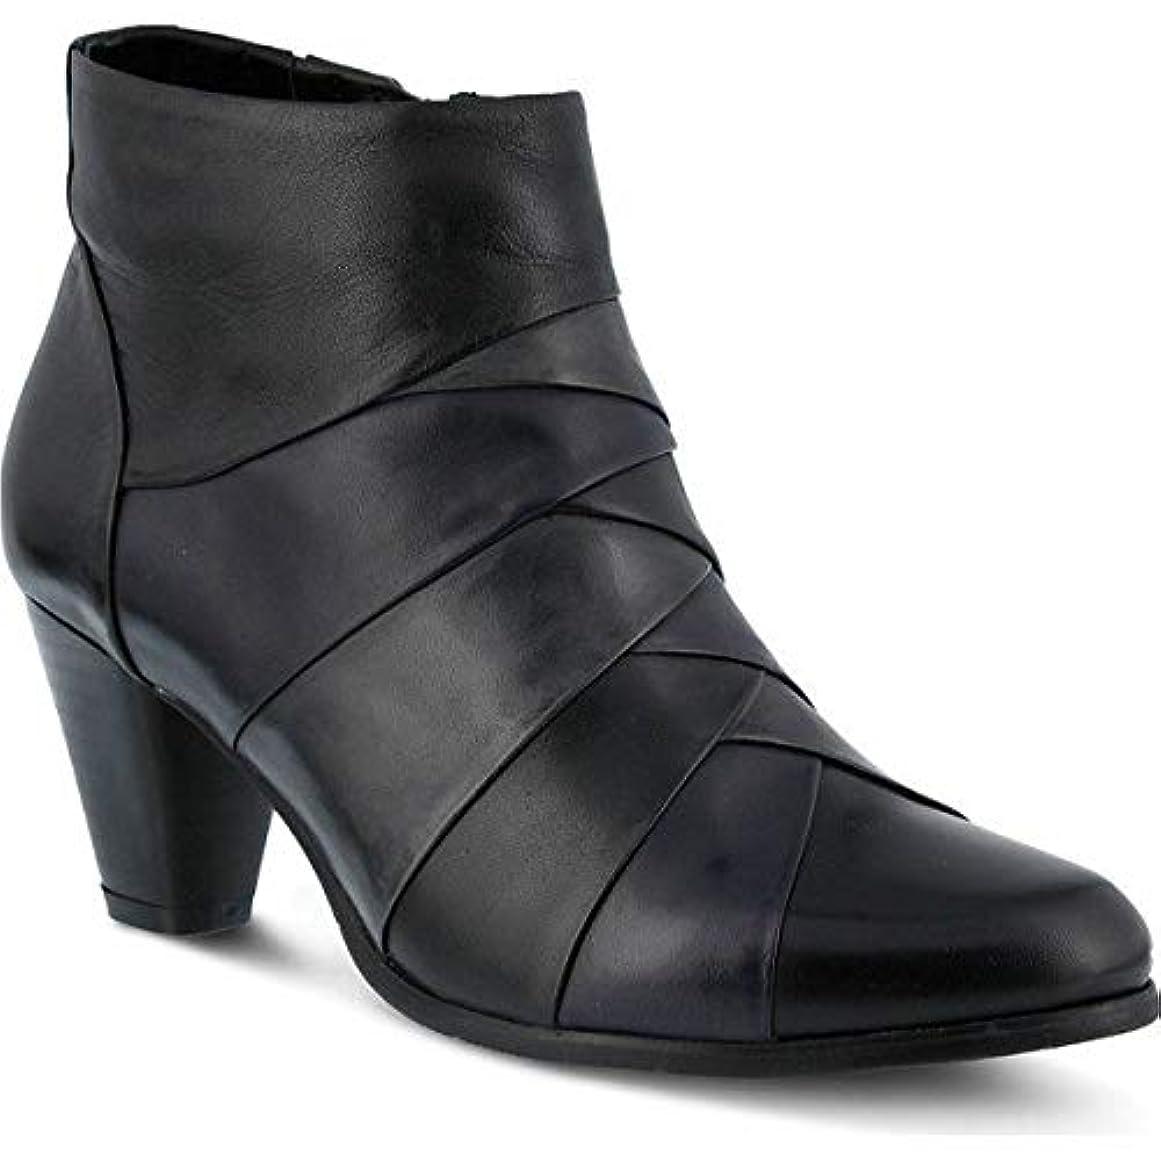 抱擁愛情深い爬虫類[スプリングステップ] レディース ブーツ&レインブーツ Binzo Ankle Boot [並行輸入品]